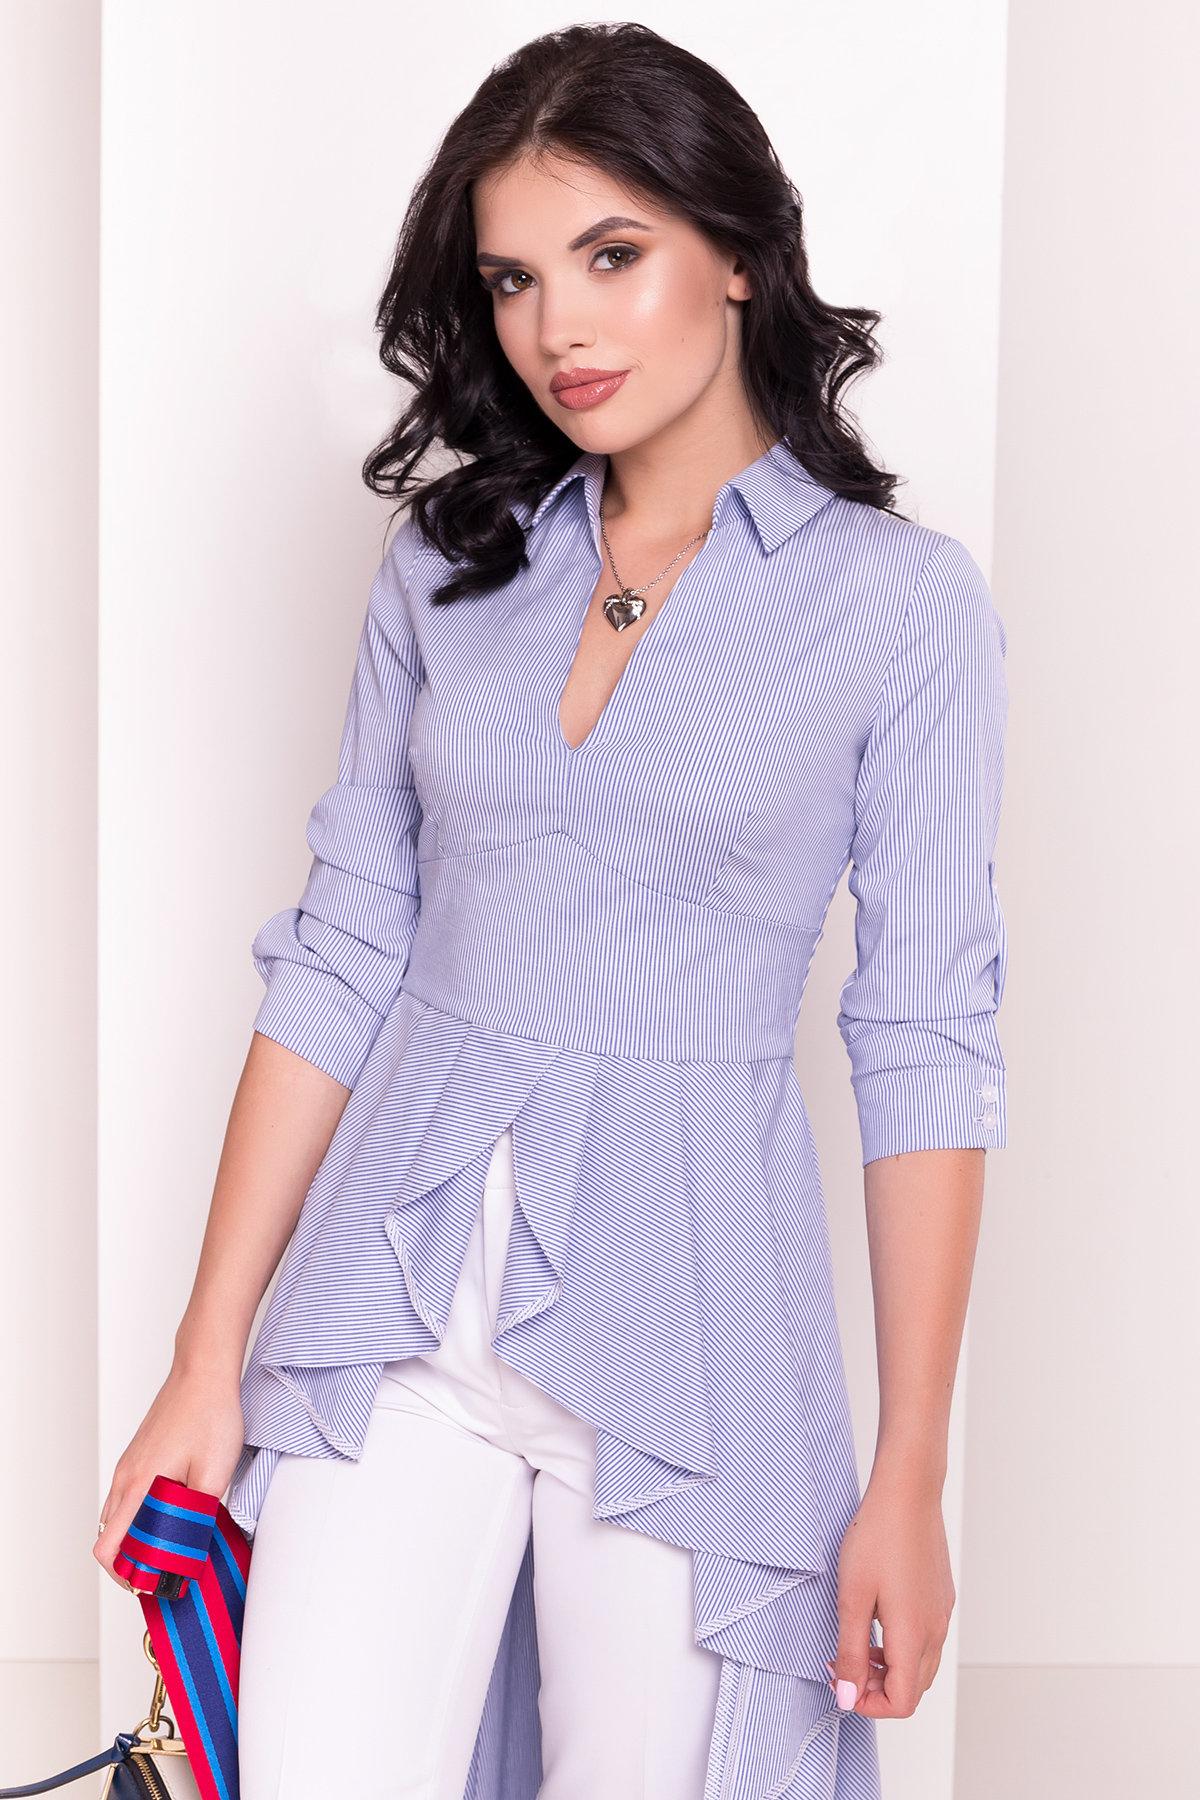 Платье-туника Феникс 5078 АРТ. 35630 Цвет: Темно-синий/белый - фото 3, интернет магазин tm-modus.ru